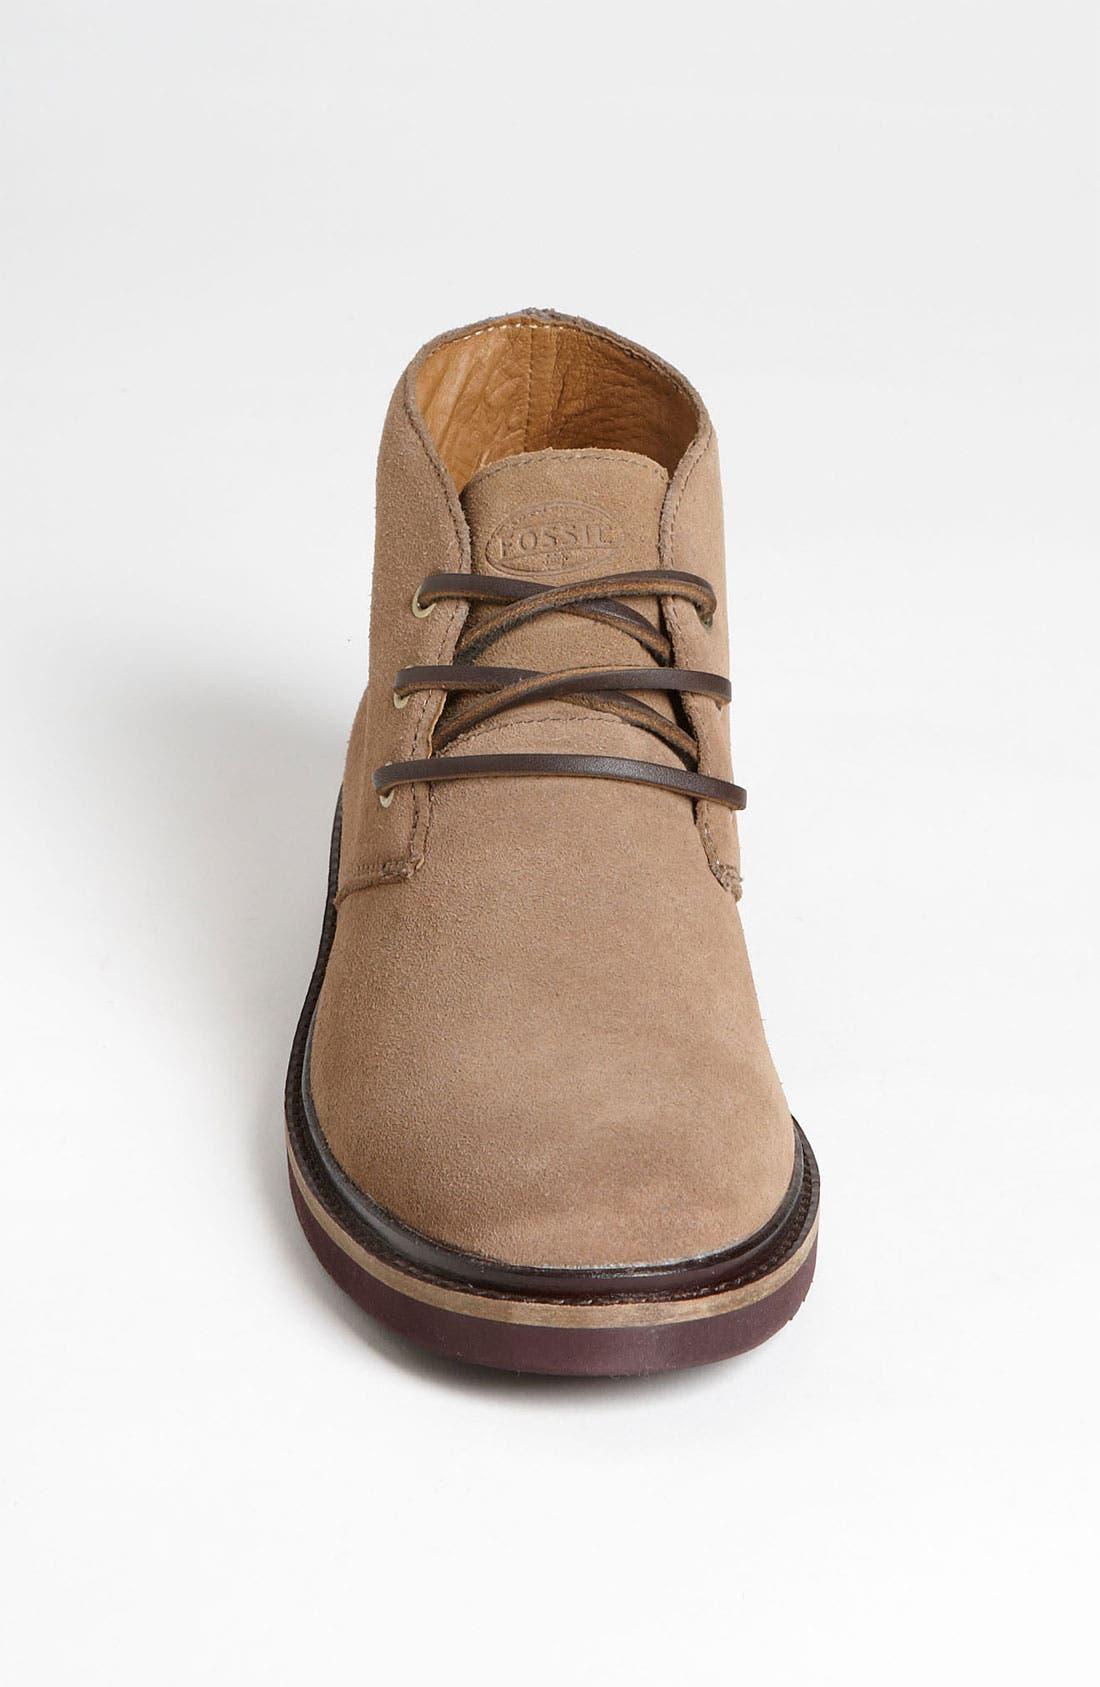 Alternate Image 3  - Fossil 'Winston' Chukka Boot